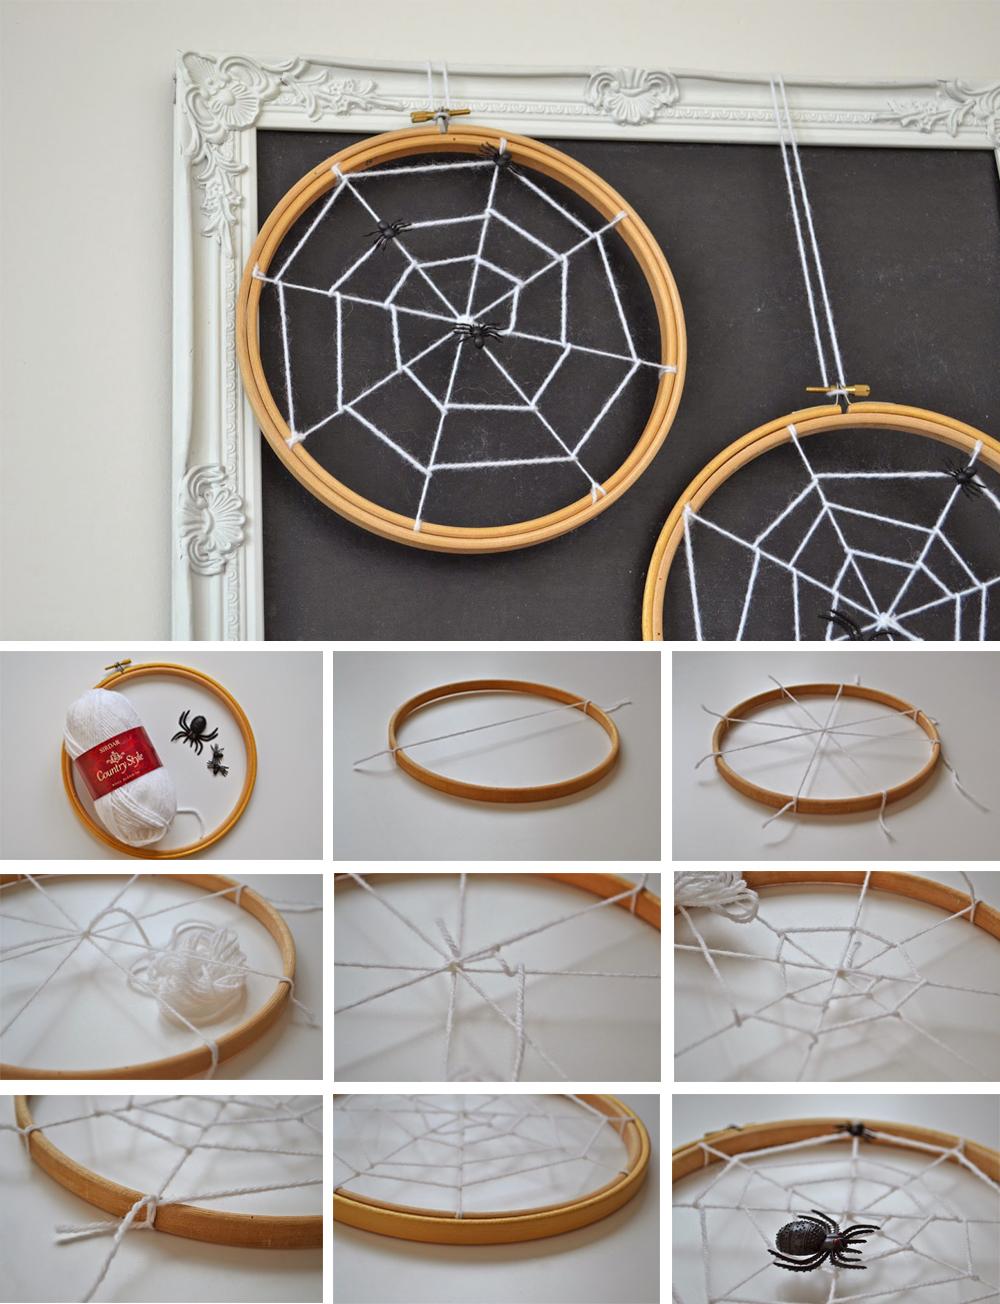 diy para decorar en halloween con tela de araña espeluznante en bastidor fácil y económico